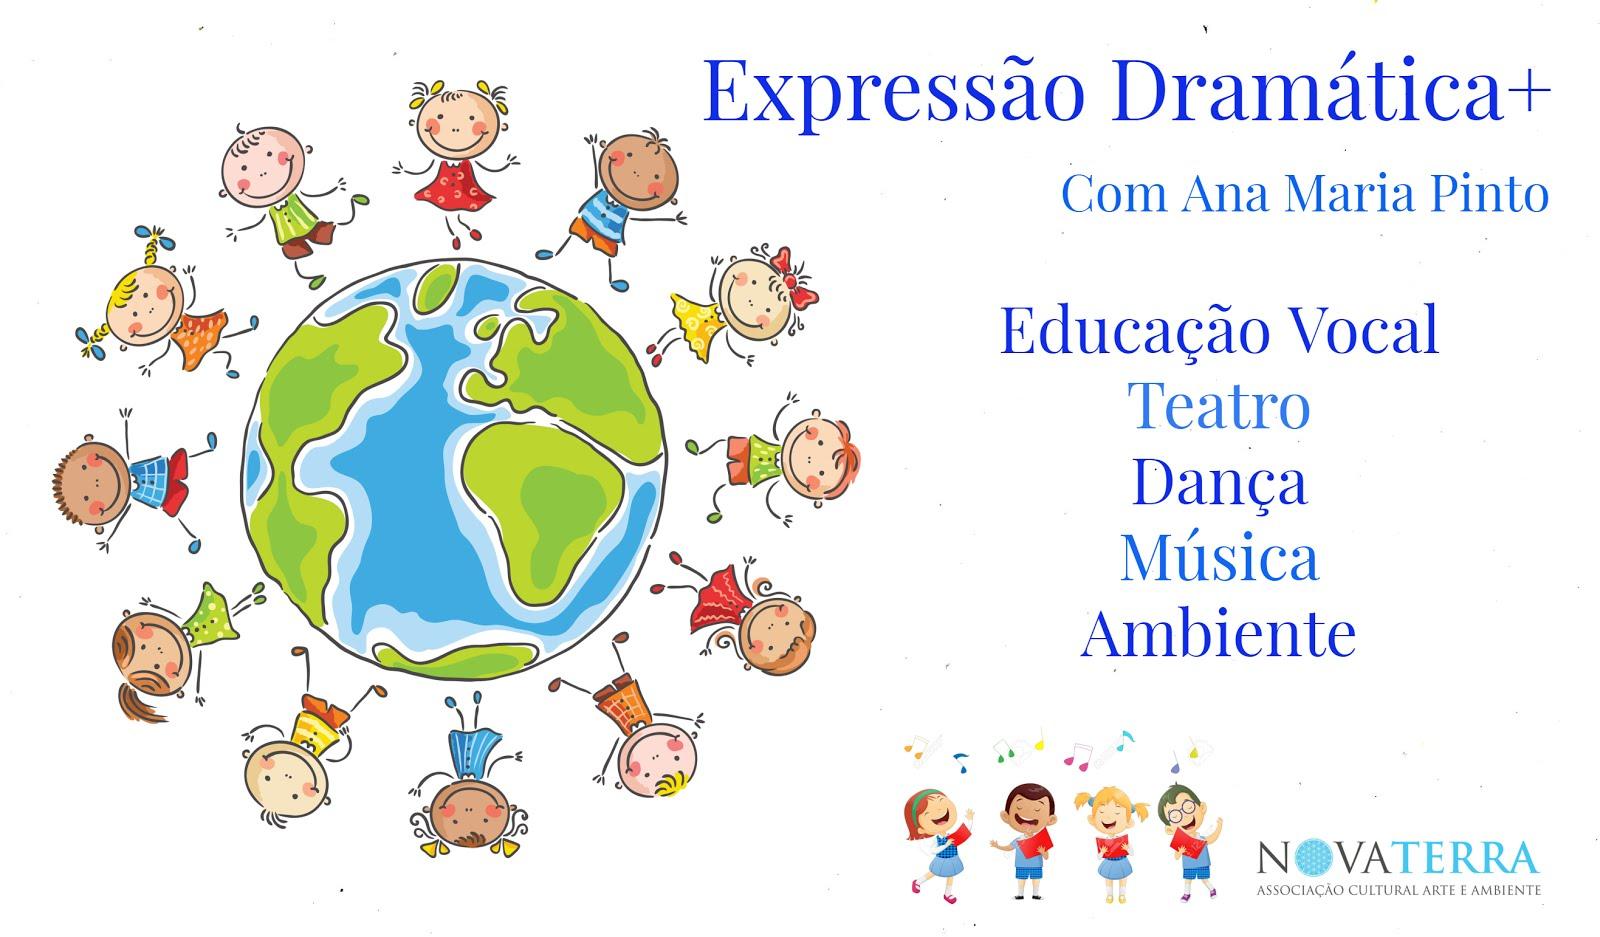 Expressão Dramática+ à Segunda na Escola